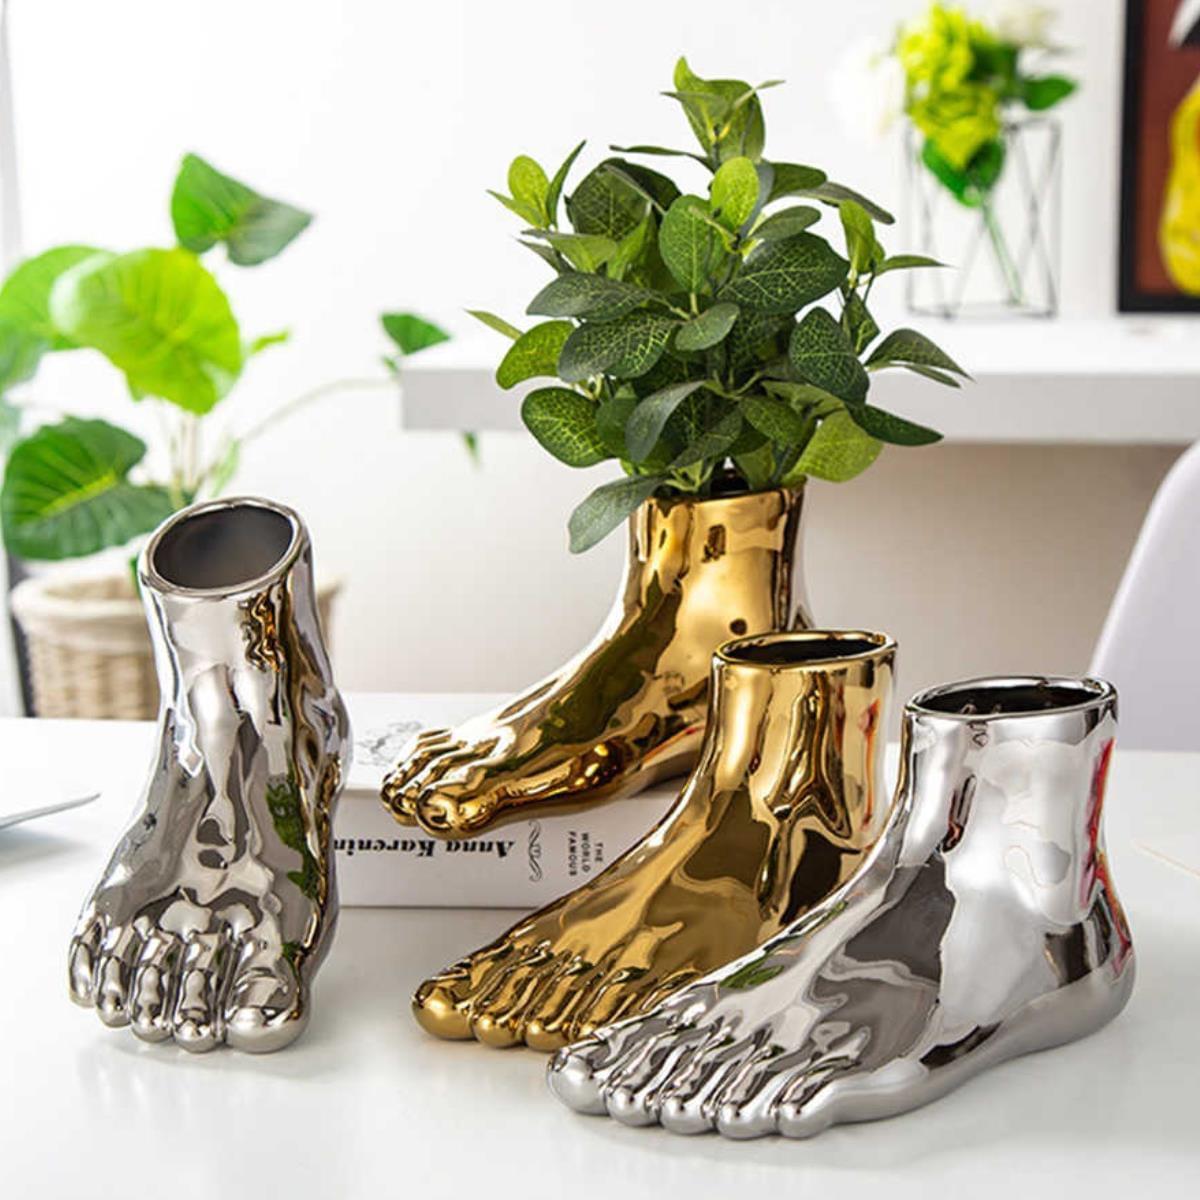 Bình hoa hình bàn chân decor sang trọng